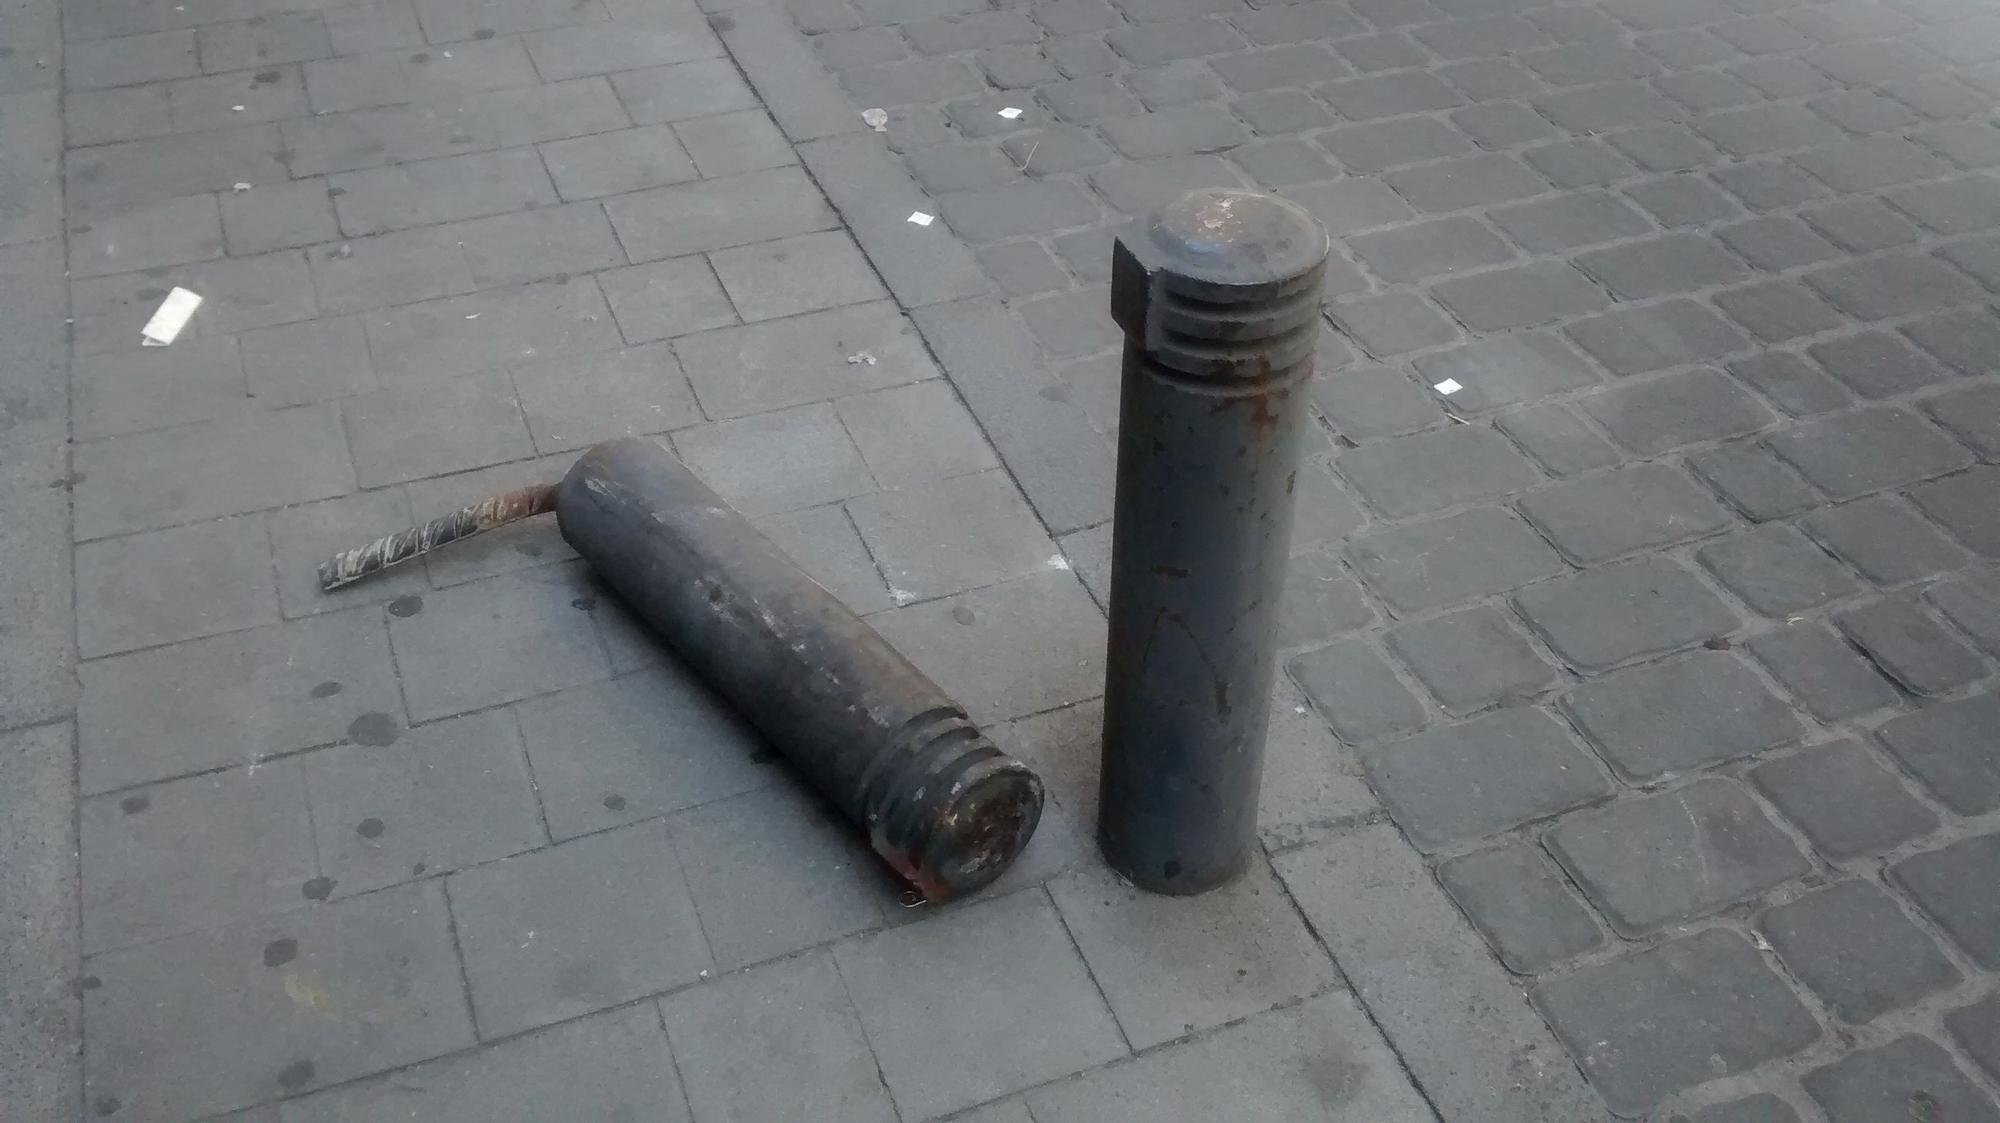 Un bolardo arrancado de cuajo en una calle de Malasaña | SOMOS MALASAÑA